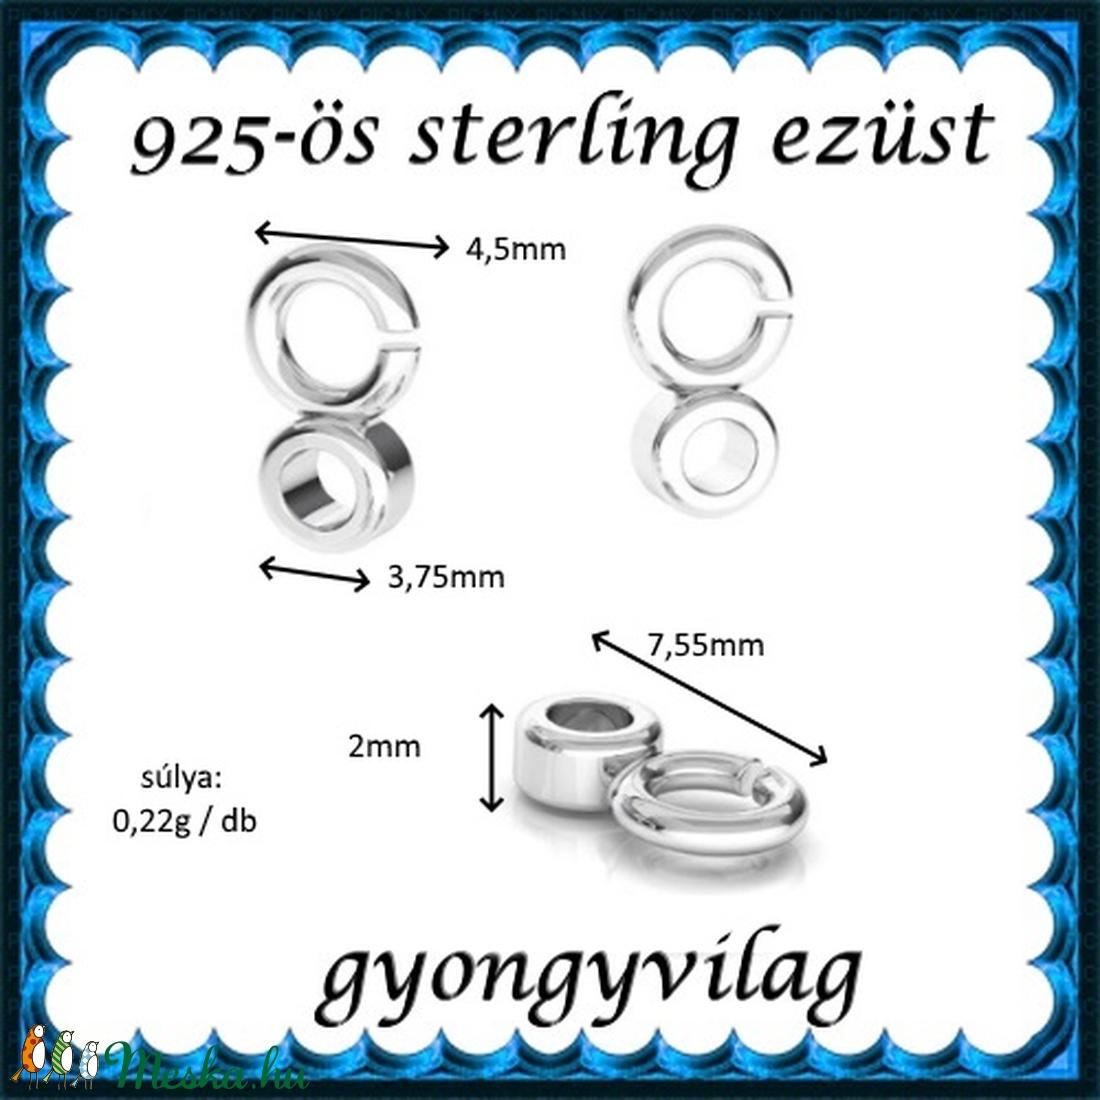 925-ös sterling ezüst ékszerkellék: medáltartó, medálkapocs EMT 36 - gyöngy, ékszerkellék - egyéb alkatrész - Meska.hu